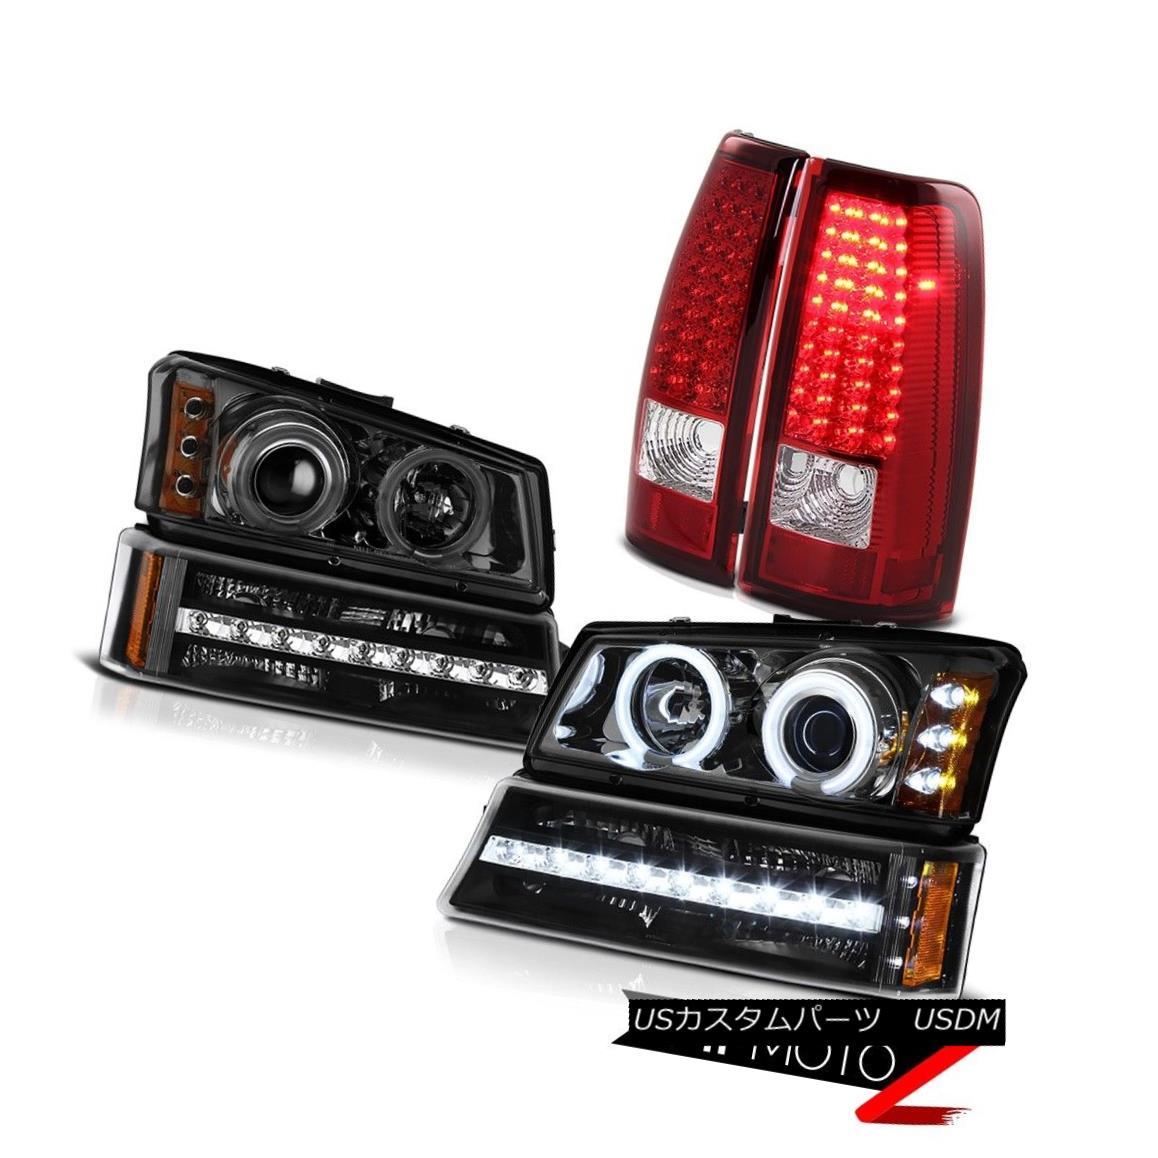 テールライト 03 04 05 06 Silverado Tail lamps nighthawk black bumper light smokey headlamps 03 04 05 06シルバラードテールランプナイトホークブラックバンパーライトスモーキーヘッドランプ